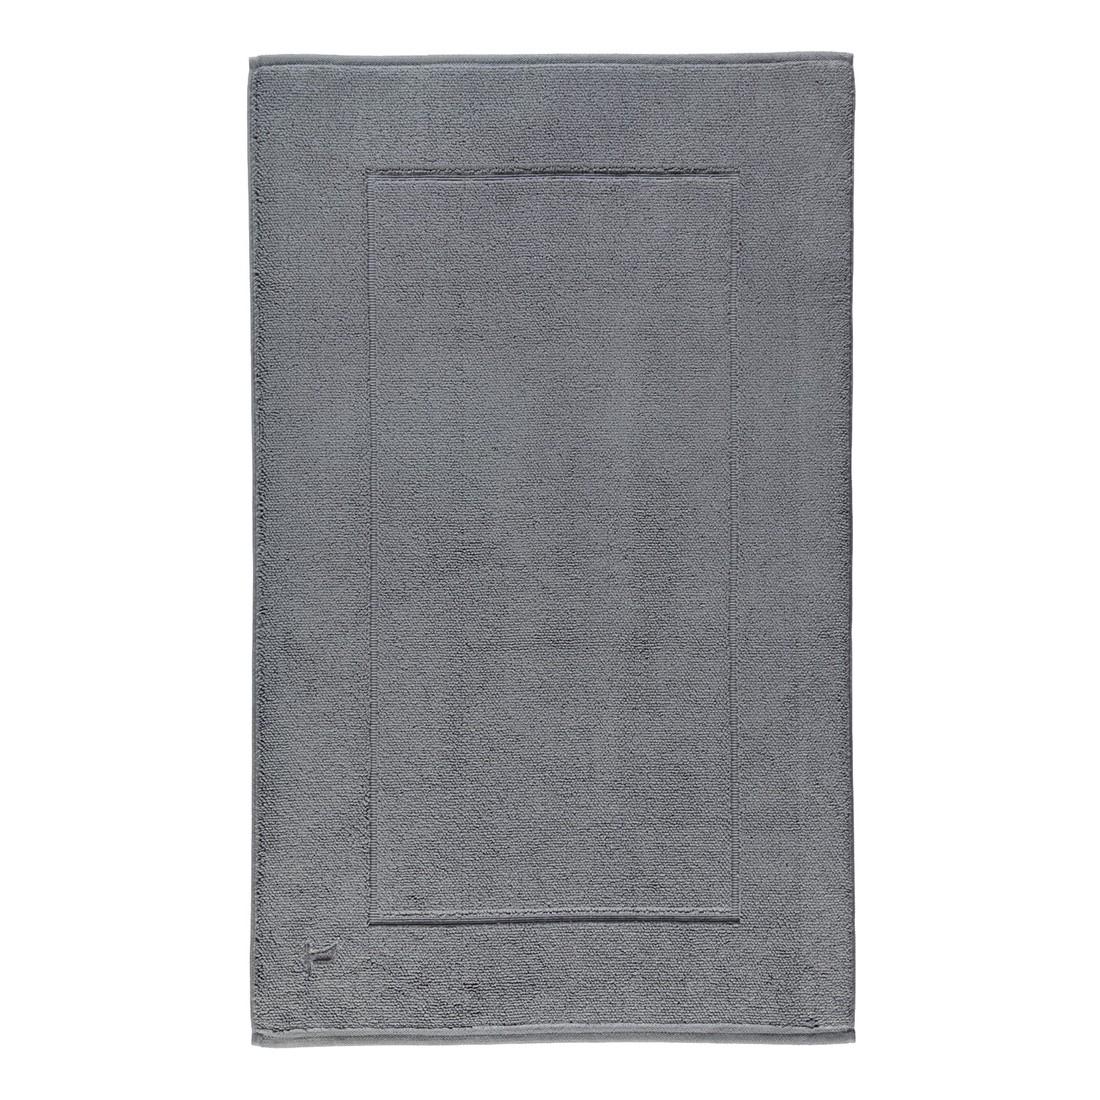 Badteppich Superwuschel – 100% Baumwolle – Stone – 850 – 60 x 60 cm, Möve günstig kaufen